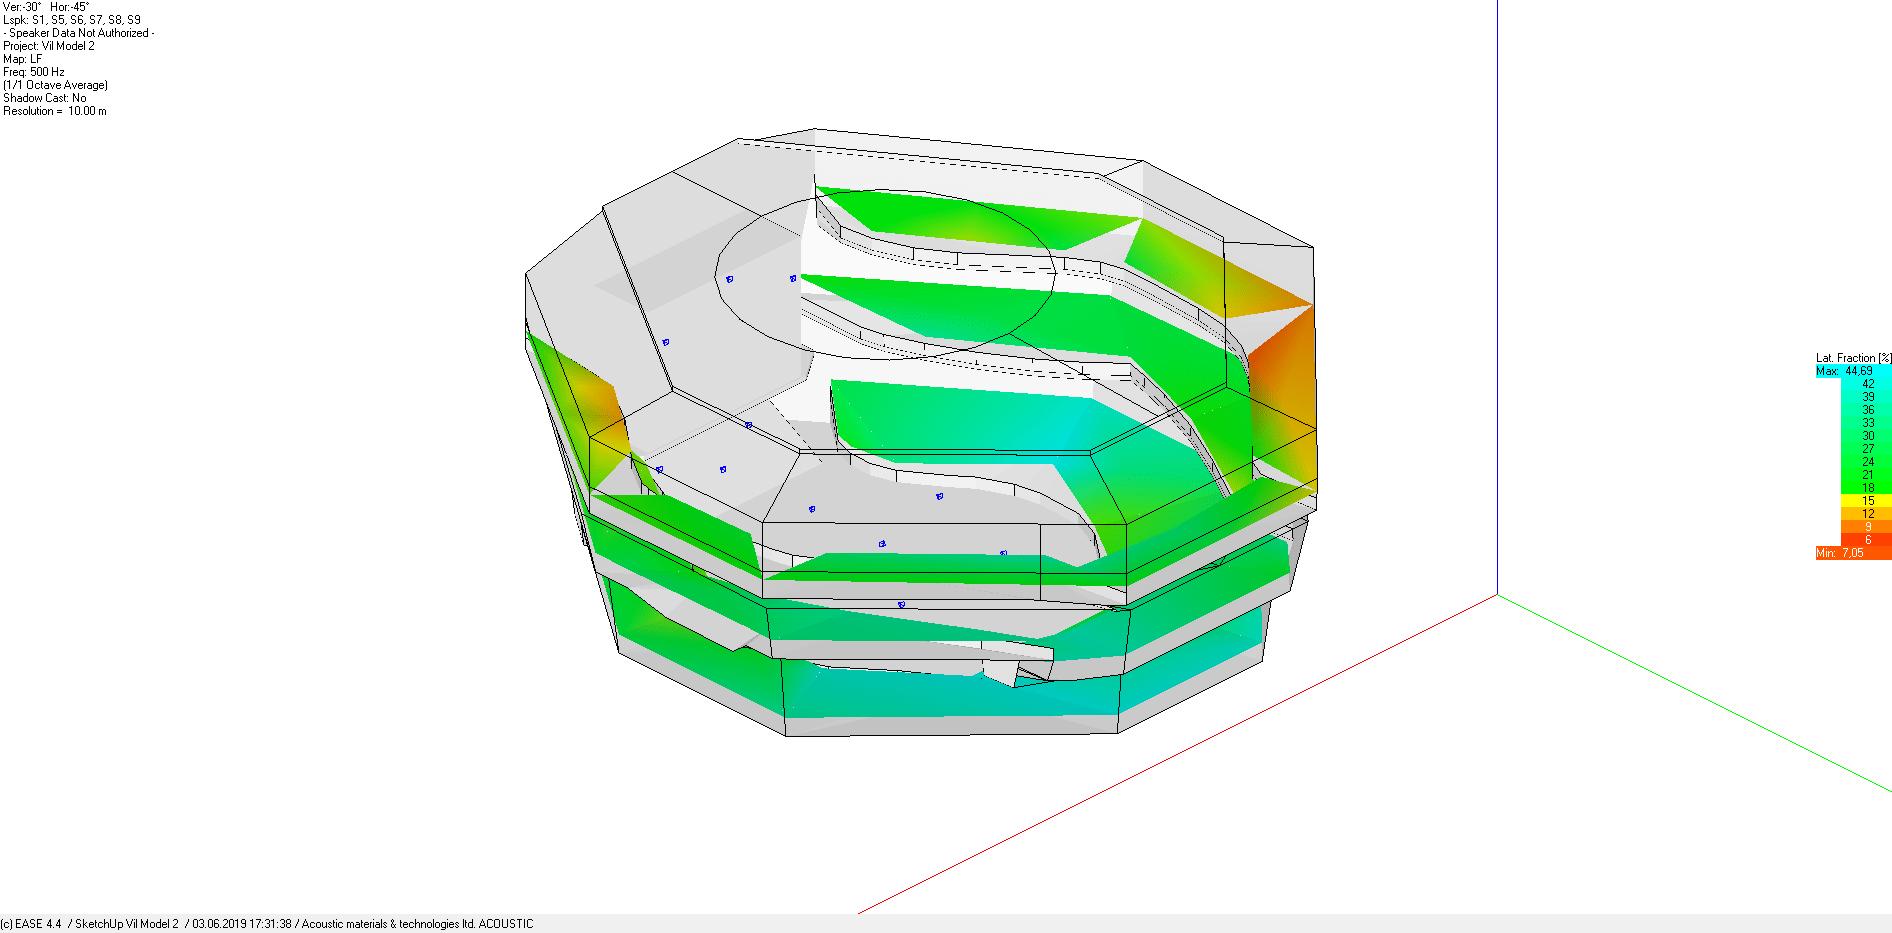 image-1-1: vilnius